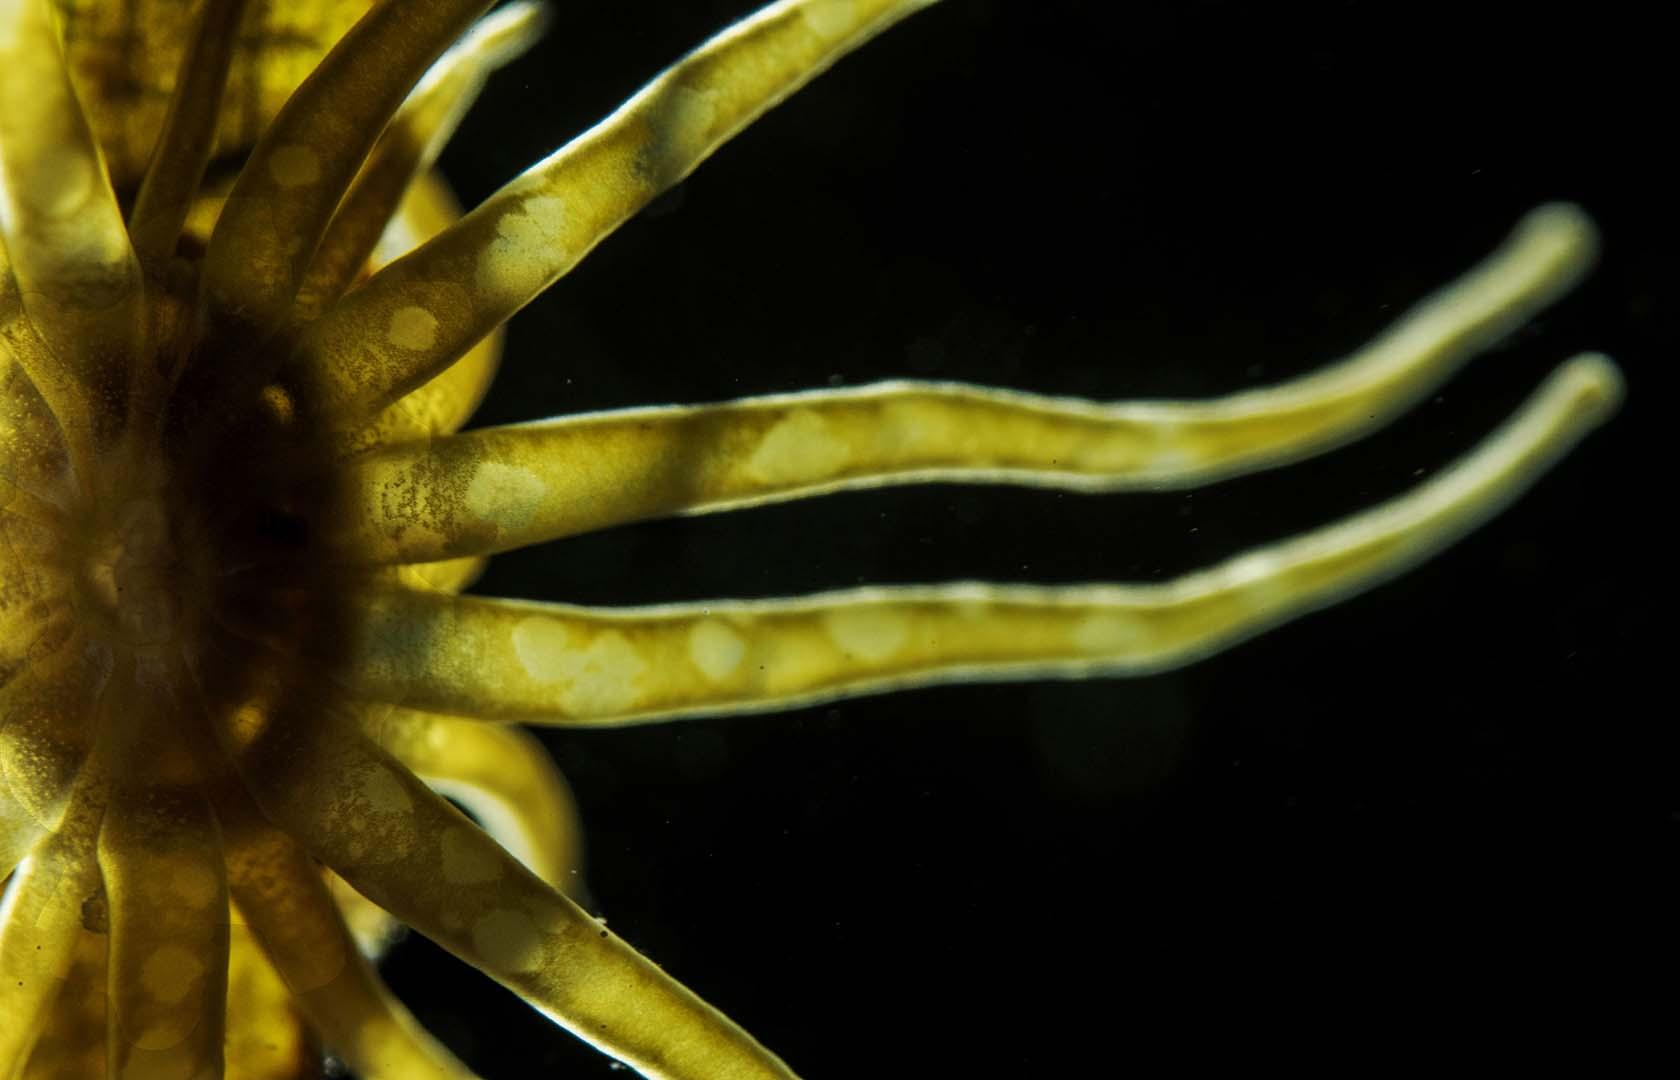 Detalle de sus tentáculos.